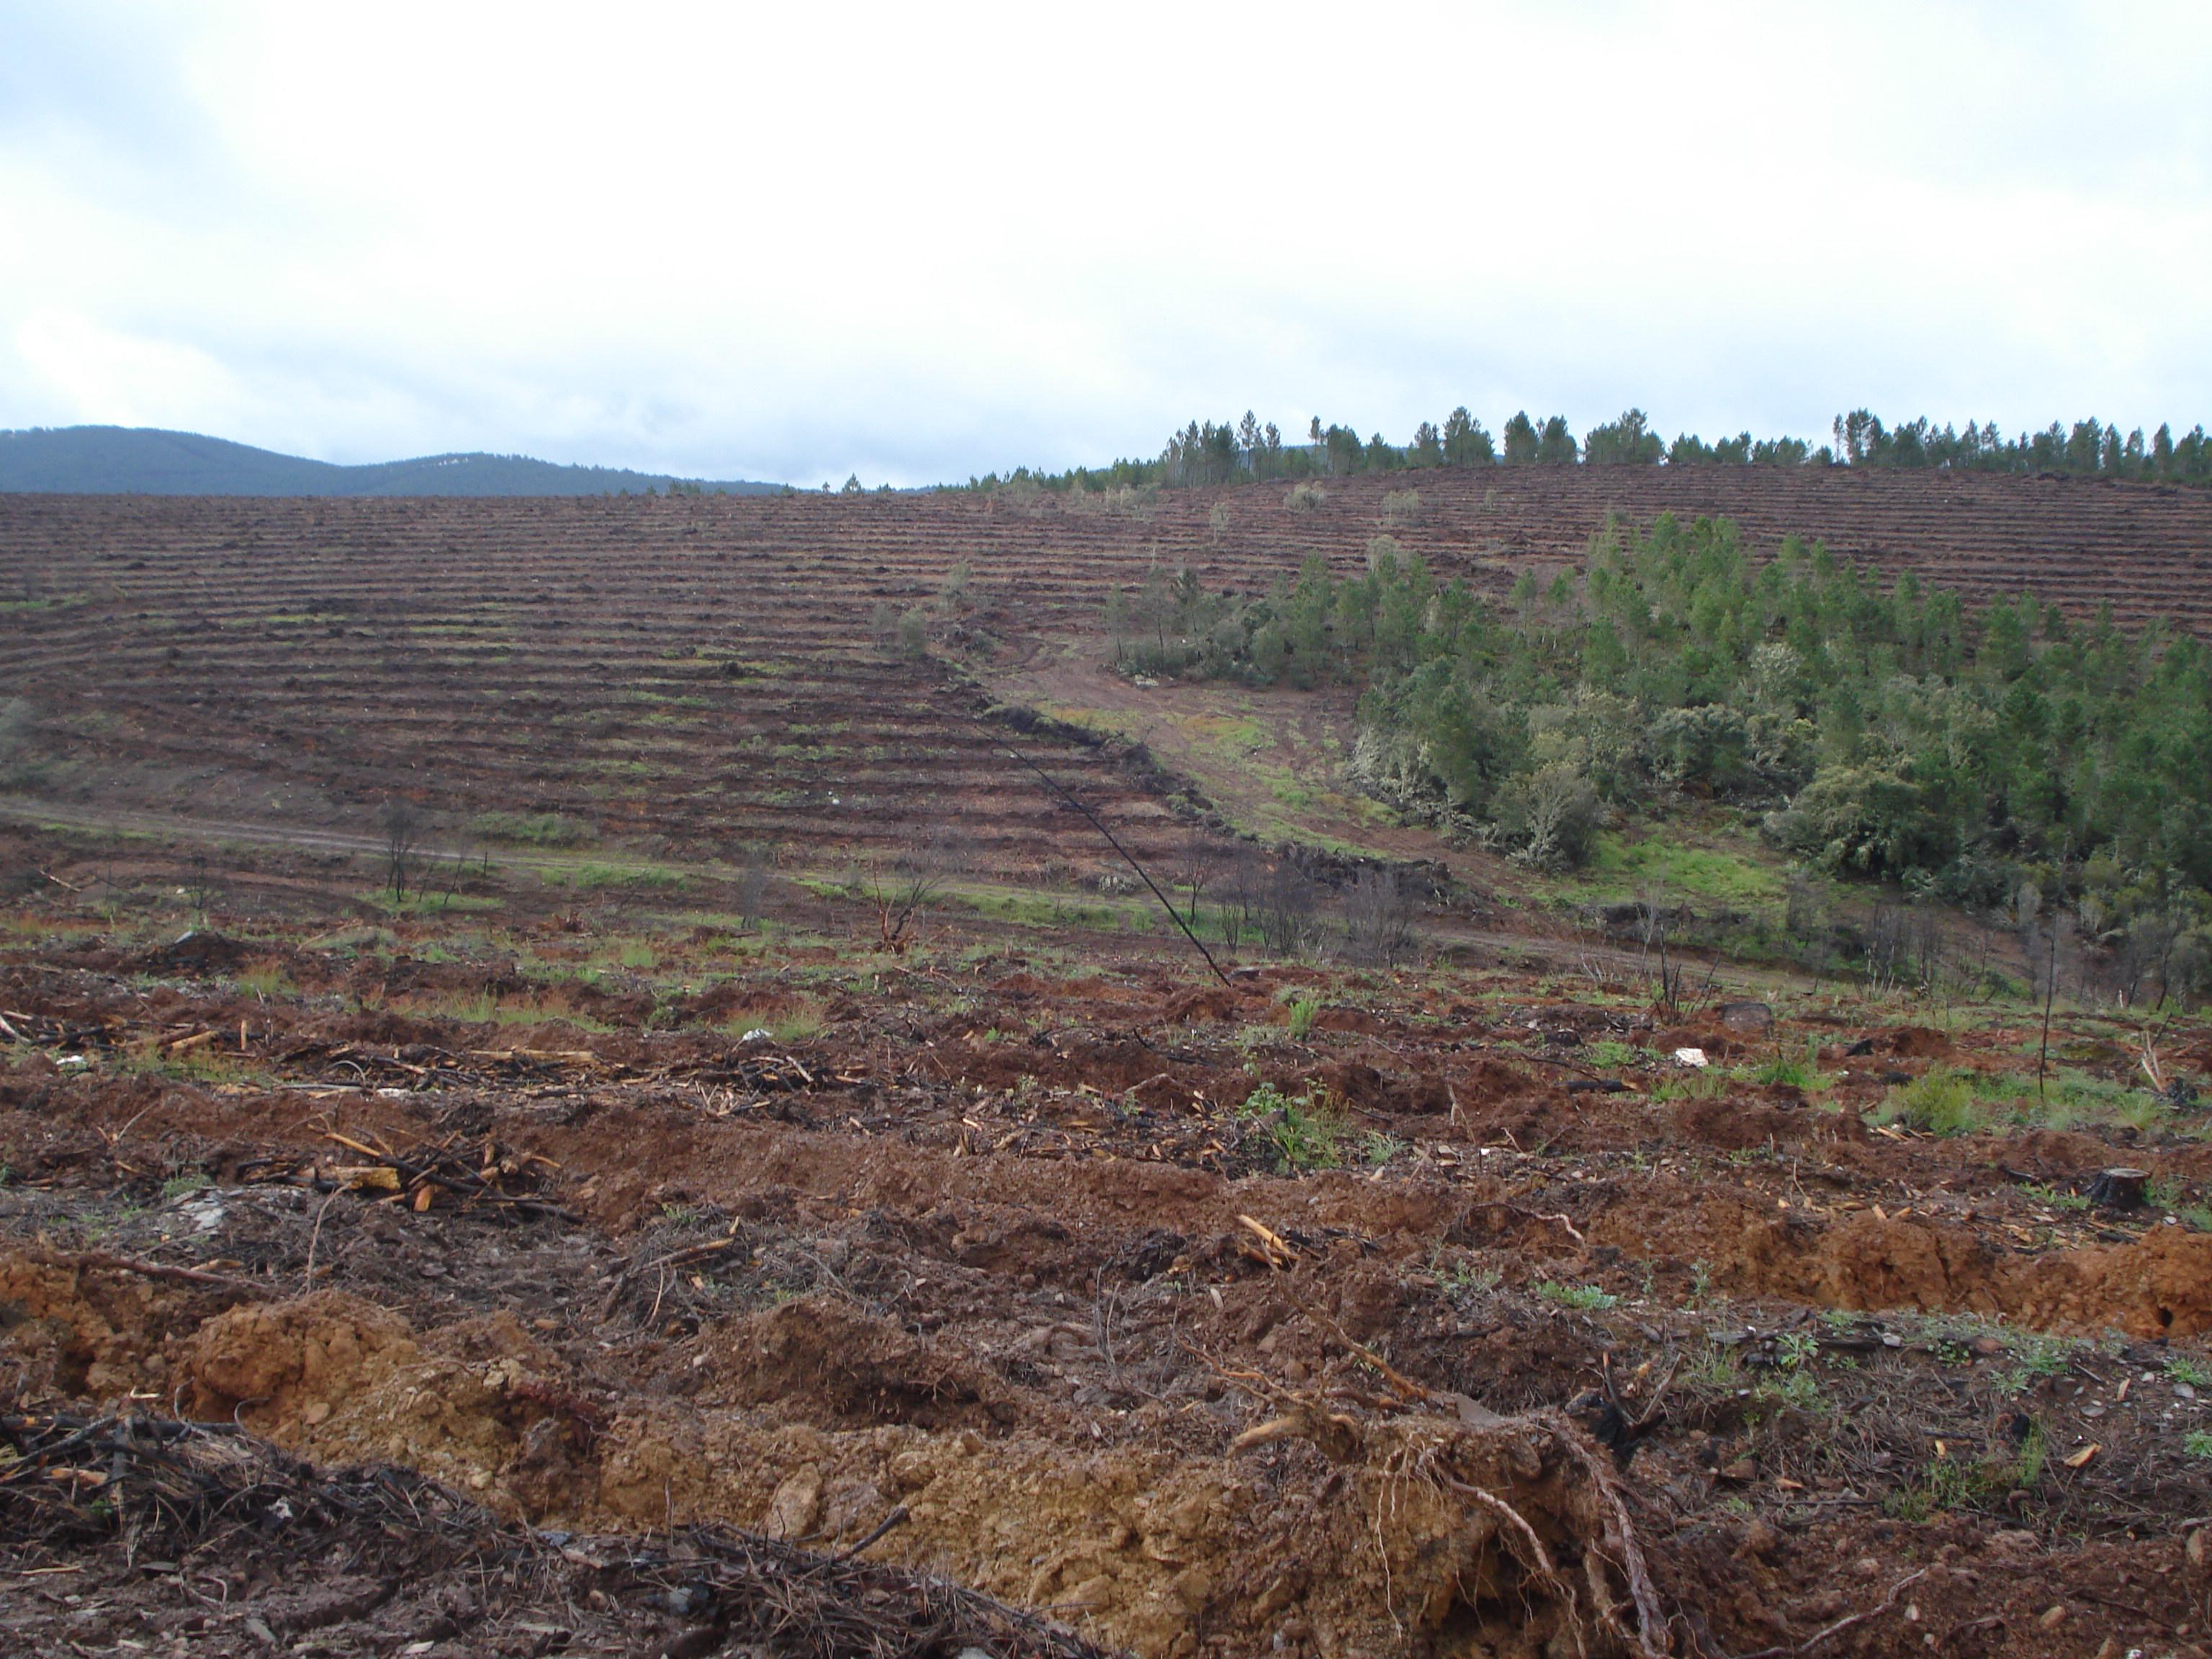 Fajas practicadas en el terreno afectado por el incendio de Orense. Imagen: Mapama